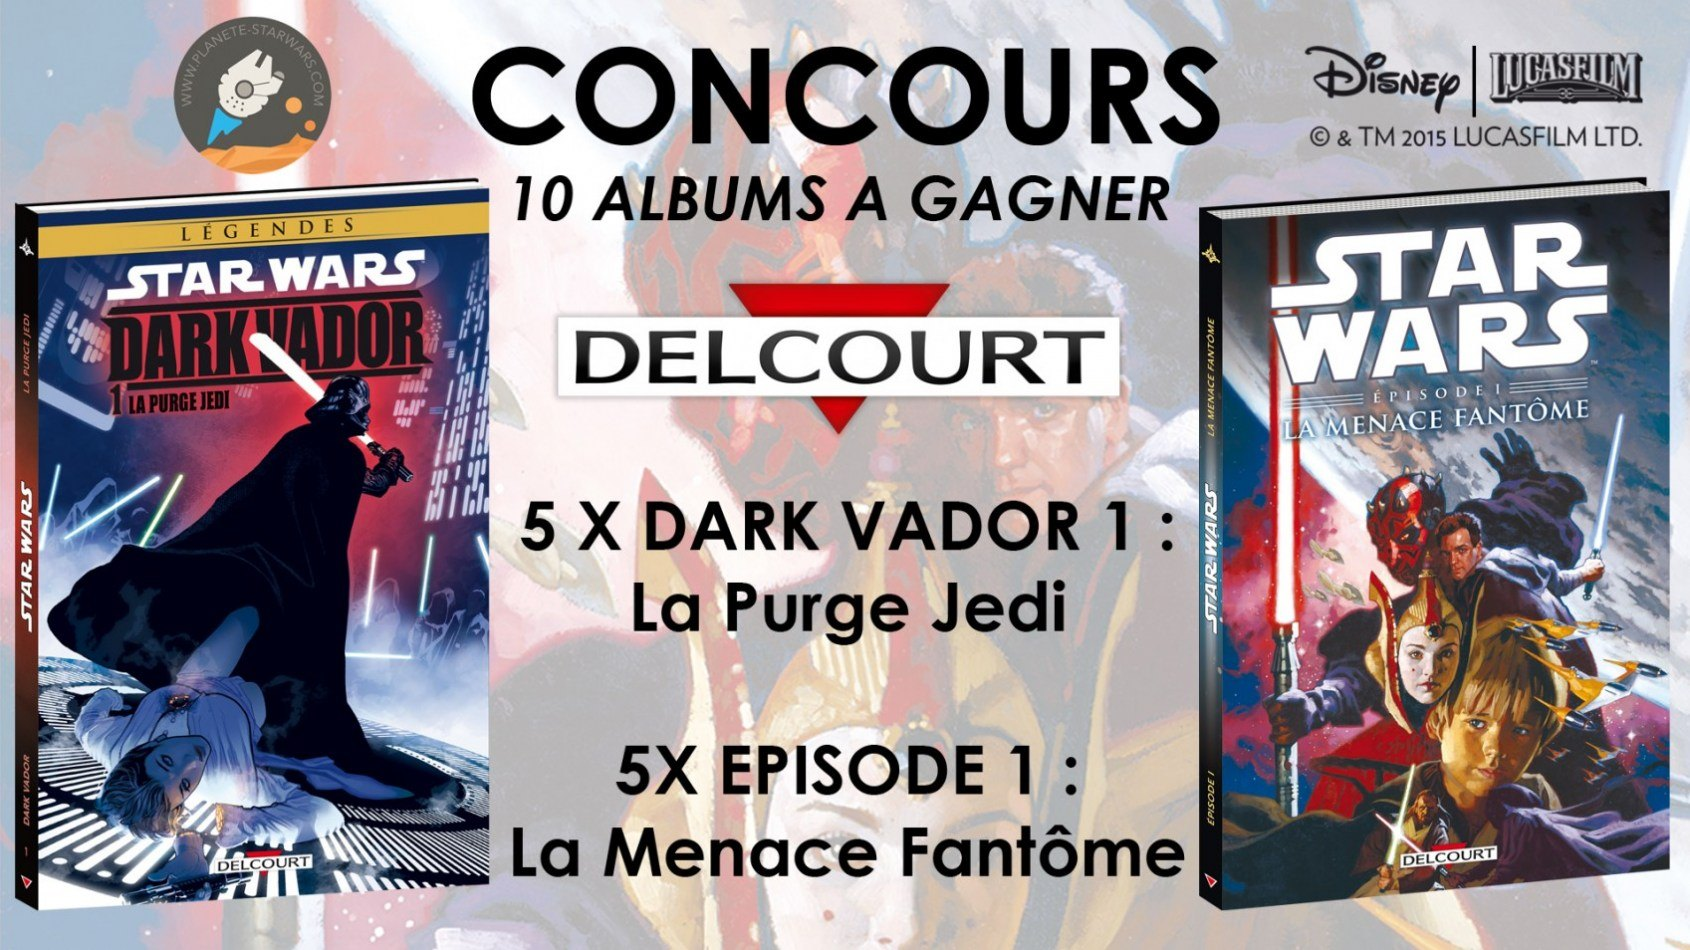 Concours : Gagnez 10 albums des éditions Delcourt